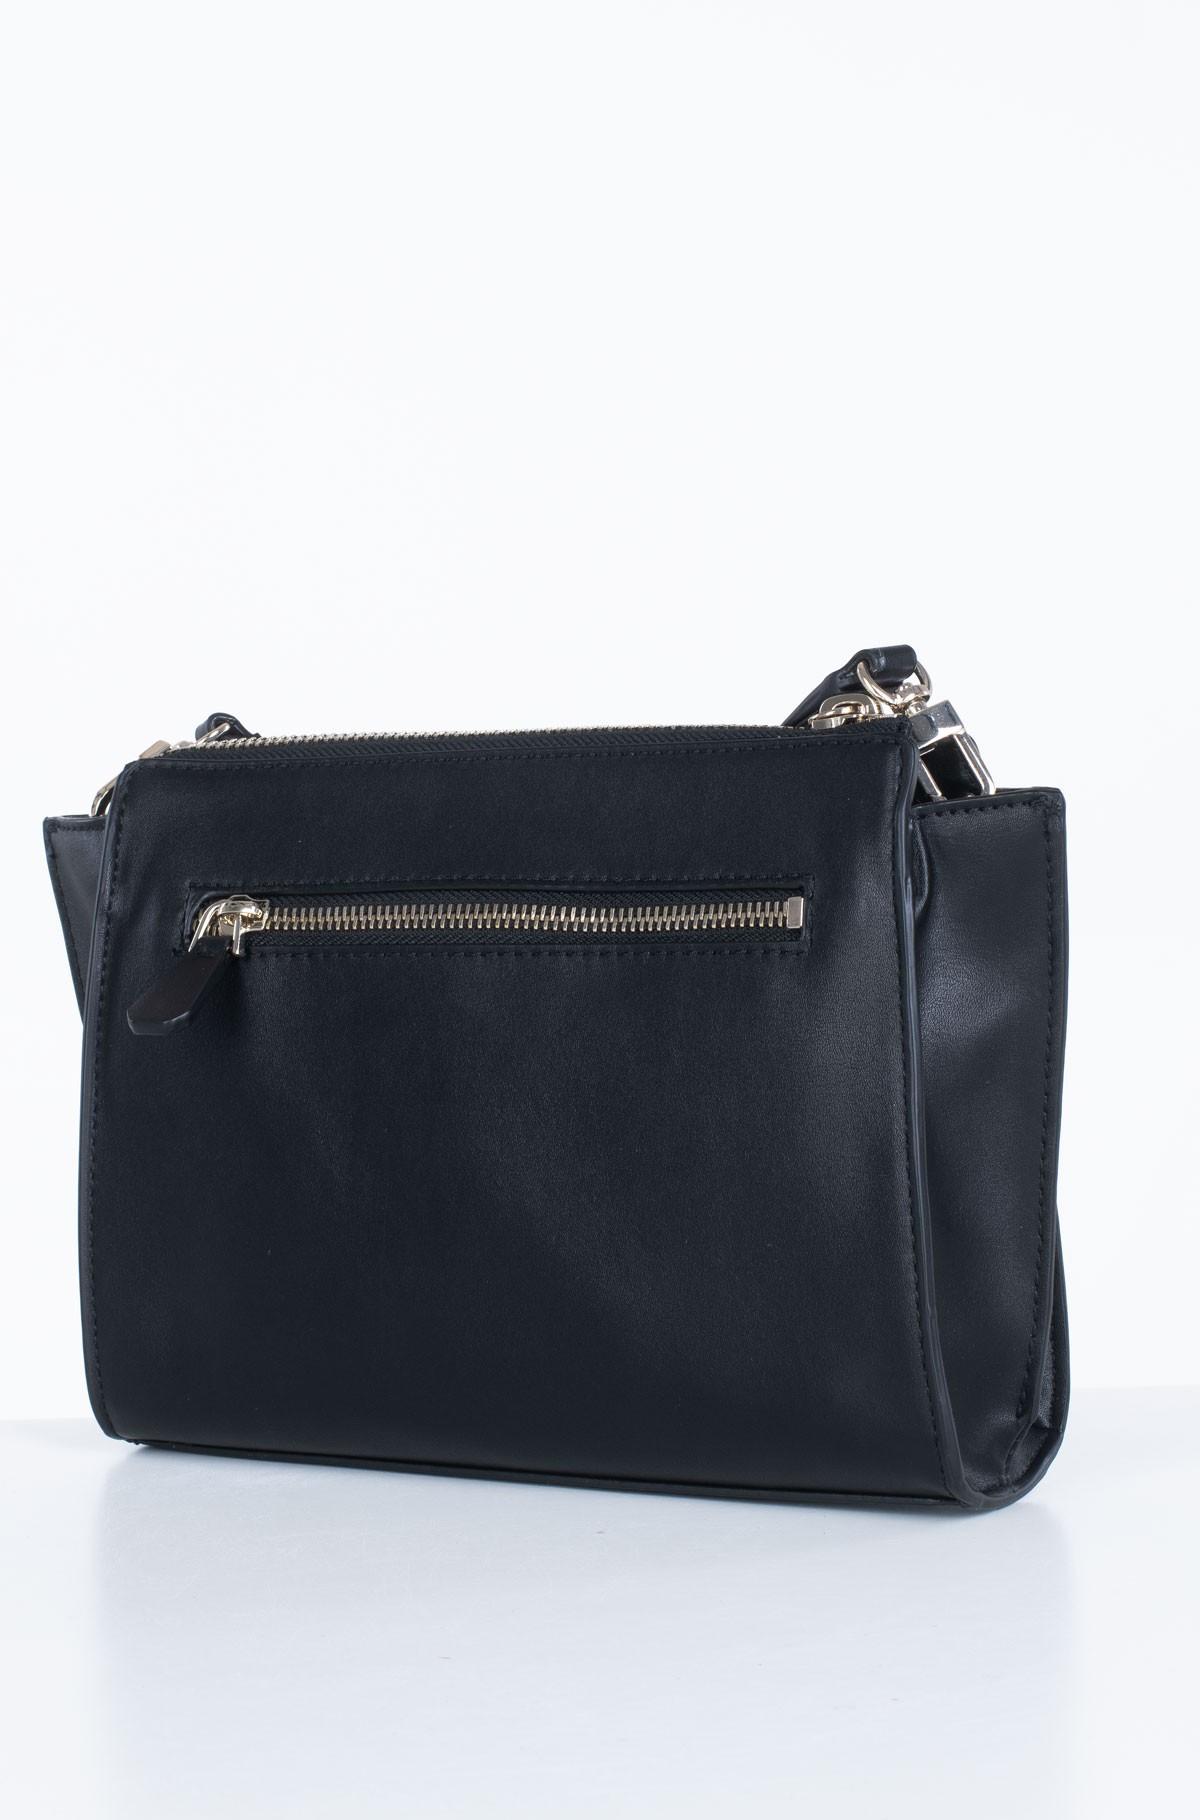 Shoulder bag HWUE76 64690-full-2